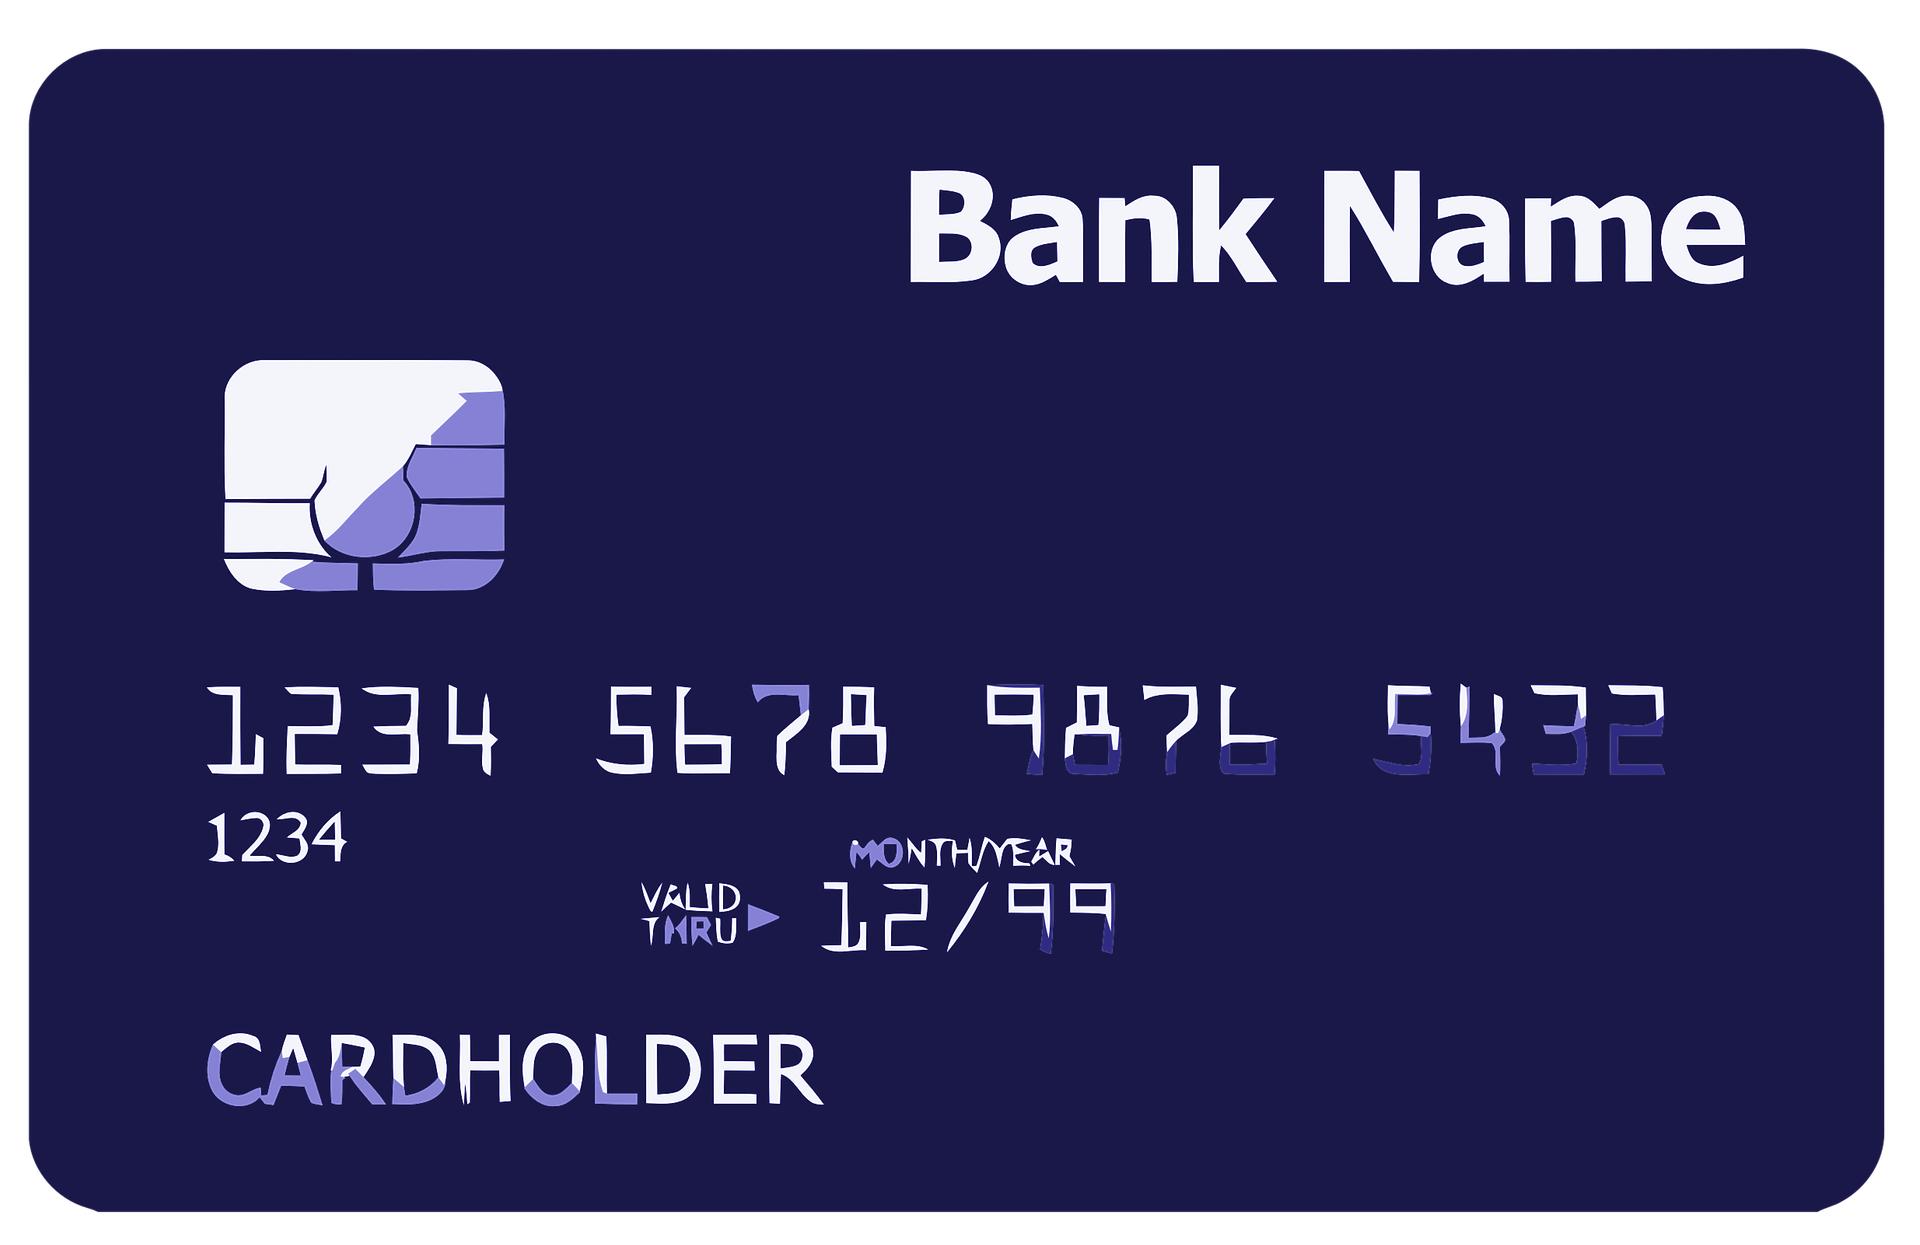 Új! Bankkártyás fizetés!